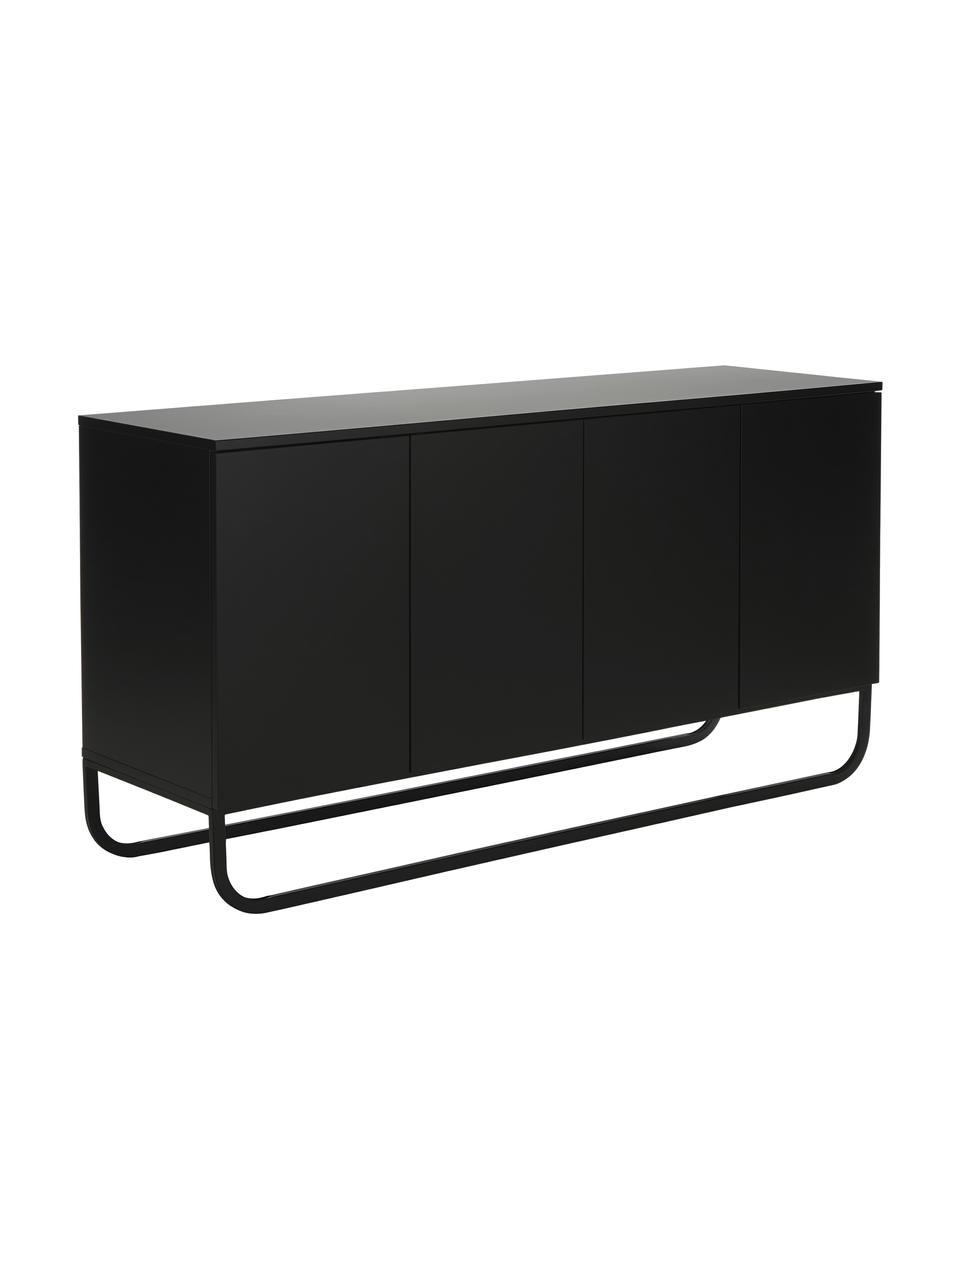 Komoda z drzwiczkami Sanford, Korpus: płyta pilśniowa średniej , Czarny, S 160 x W 83 cm